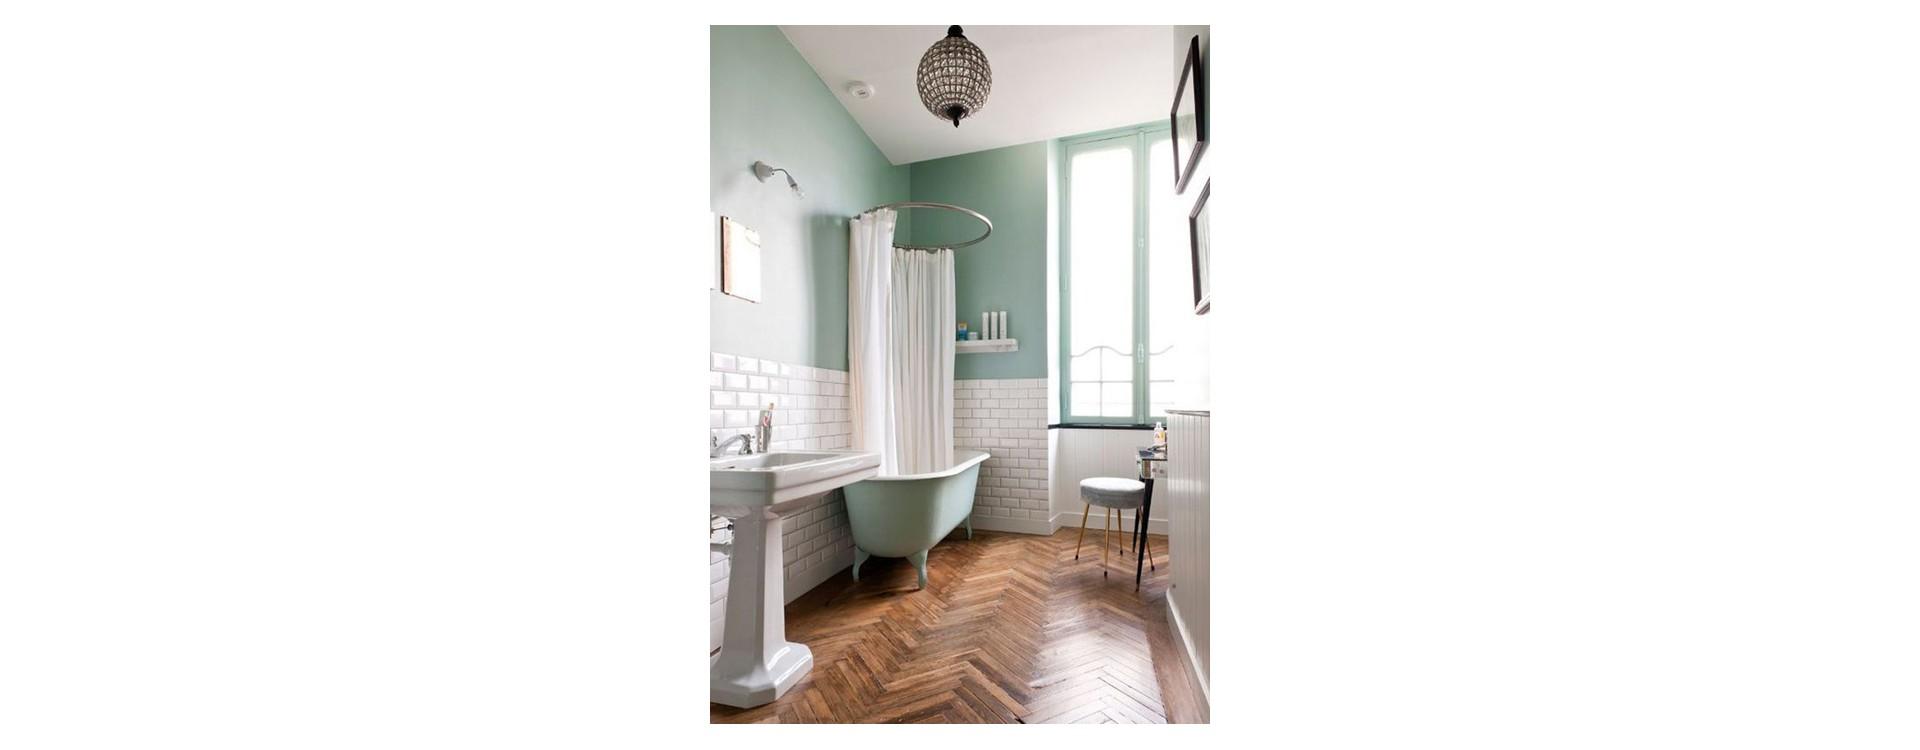 Rideau de douche et baignoire sur pieds contre un mur: la solution circulaire GalboBain